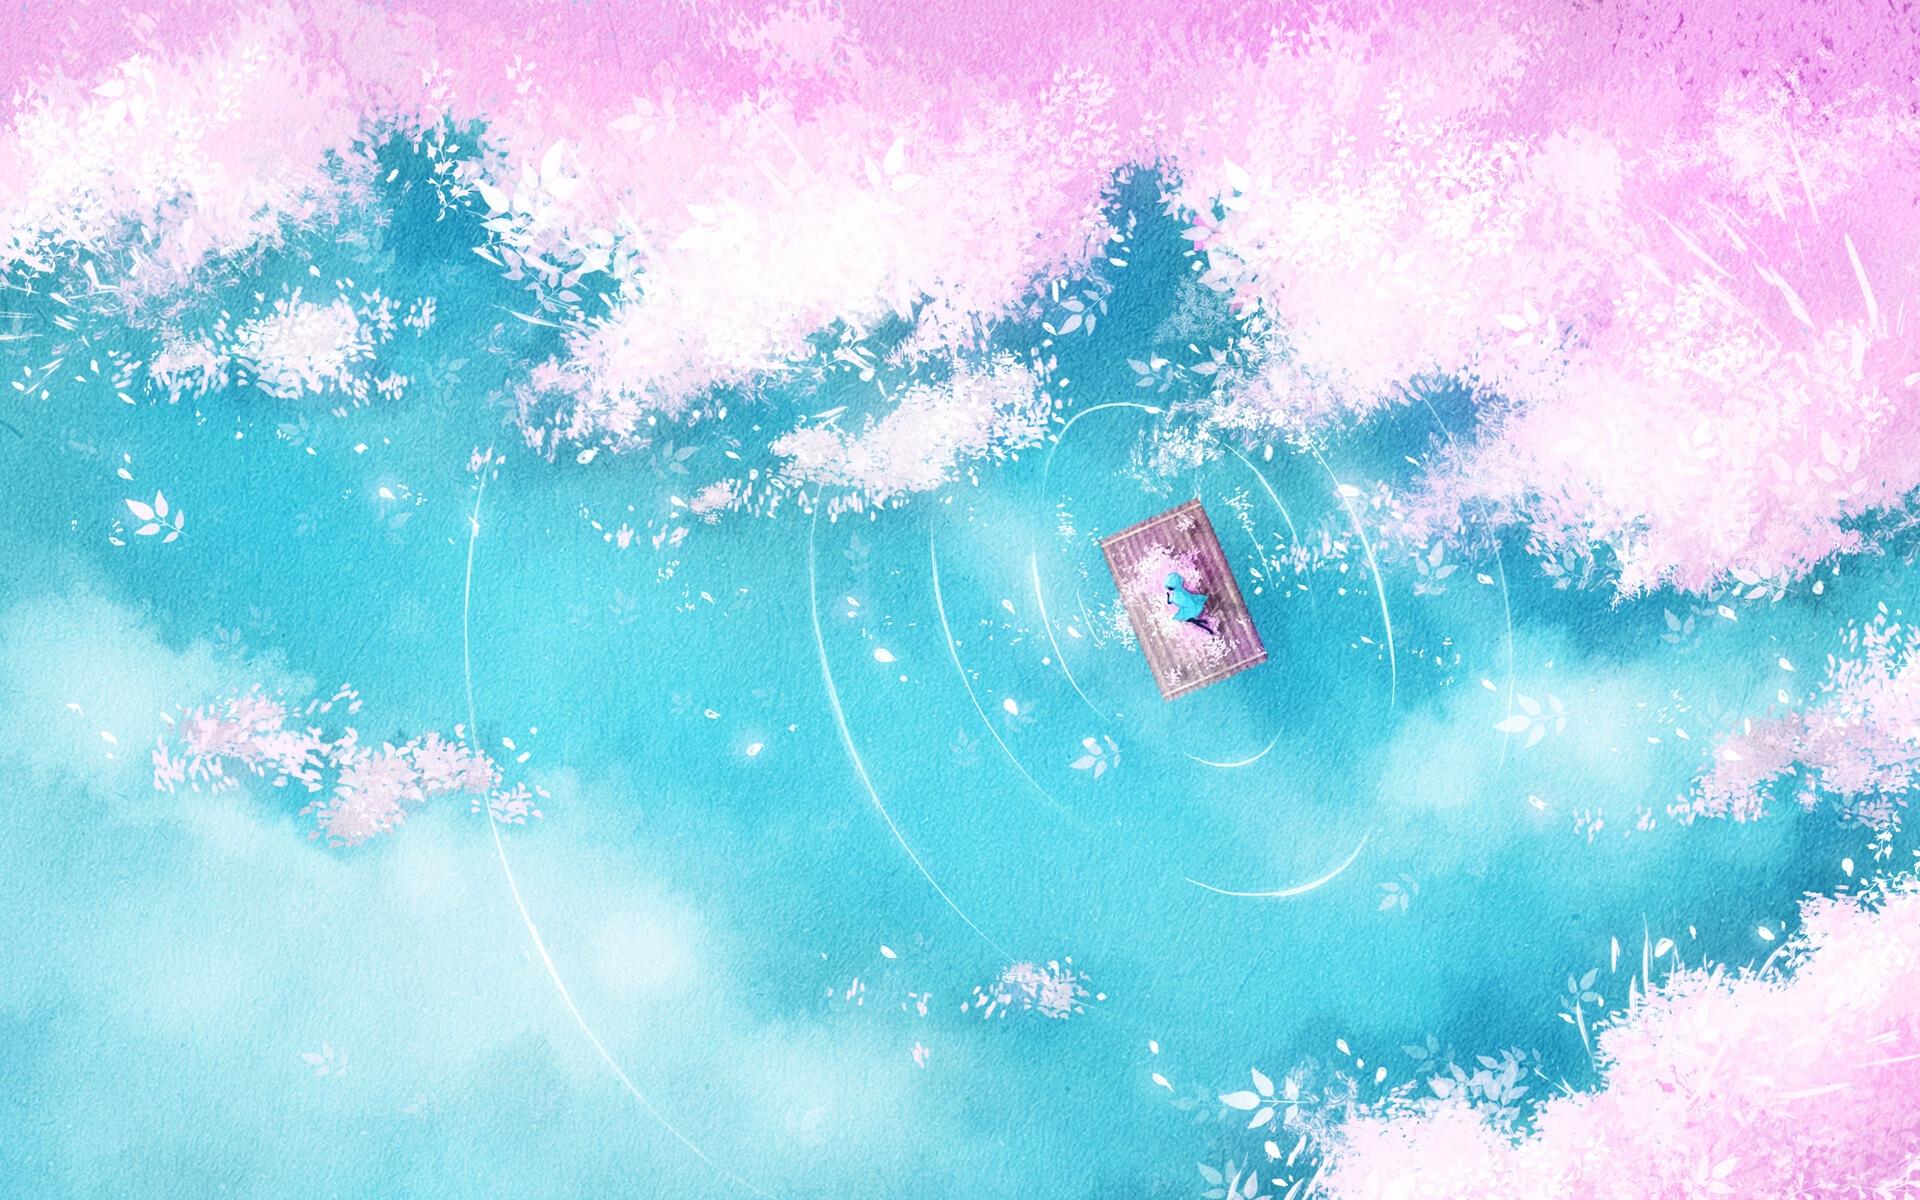 Download wallpaper 1920x1200 lake raft silhouette shore art 1920x1200